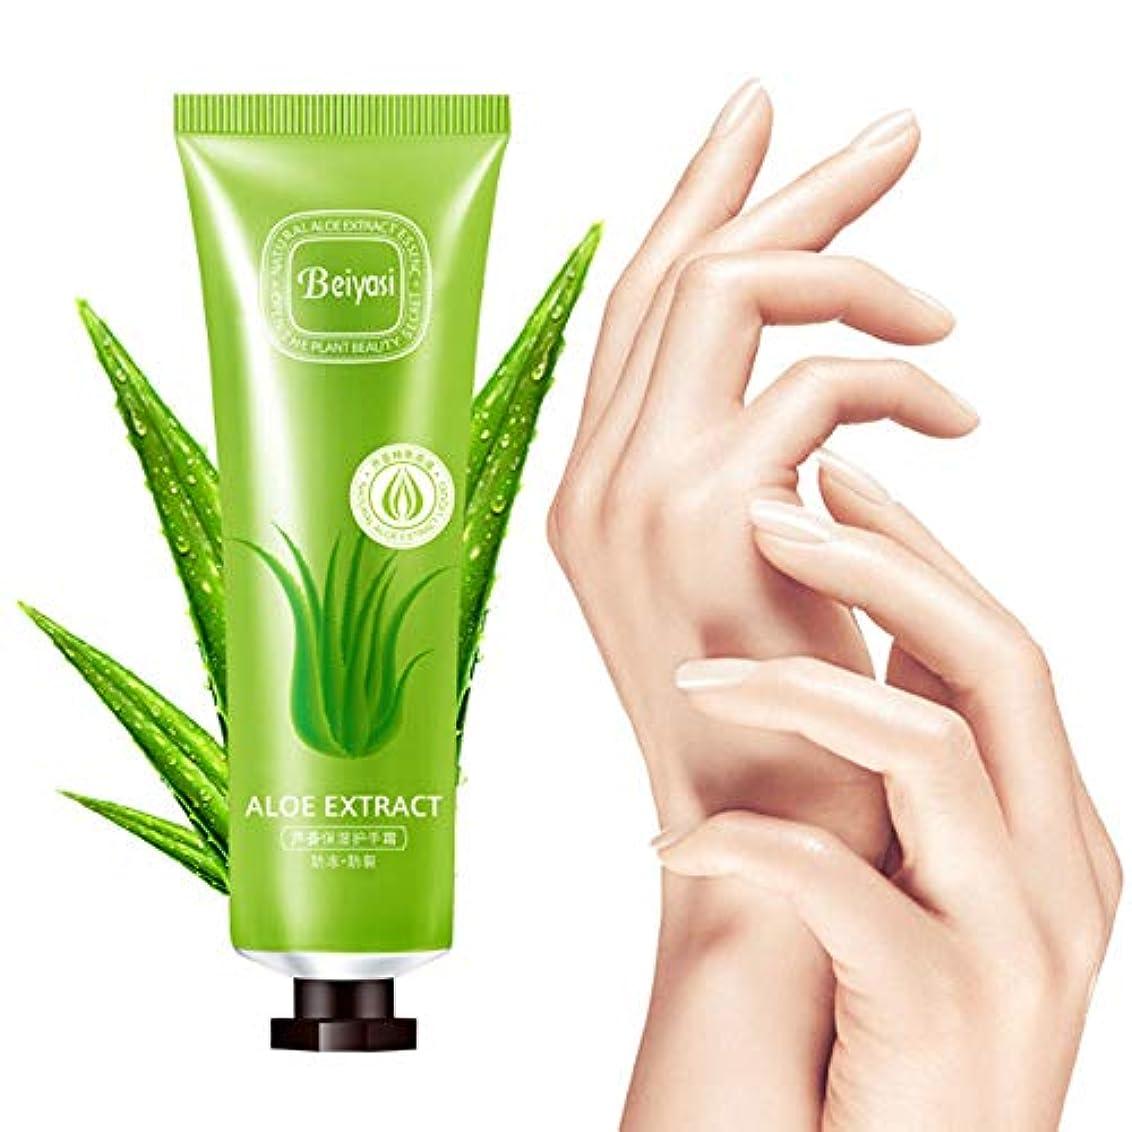 脇にオフ信頼できるハンドクリーム Akane BEIYASI アロエ 潤う 香り 手荒れを防ぐ 保湿 水分 無添加 天然 乾燥肌用 自然 肌荒れ予防 Hand Cream 30g